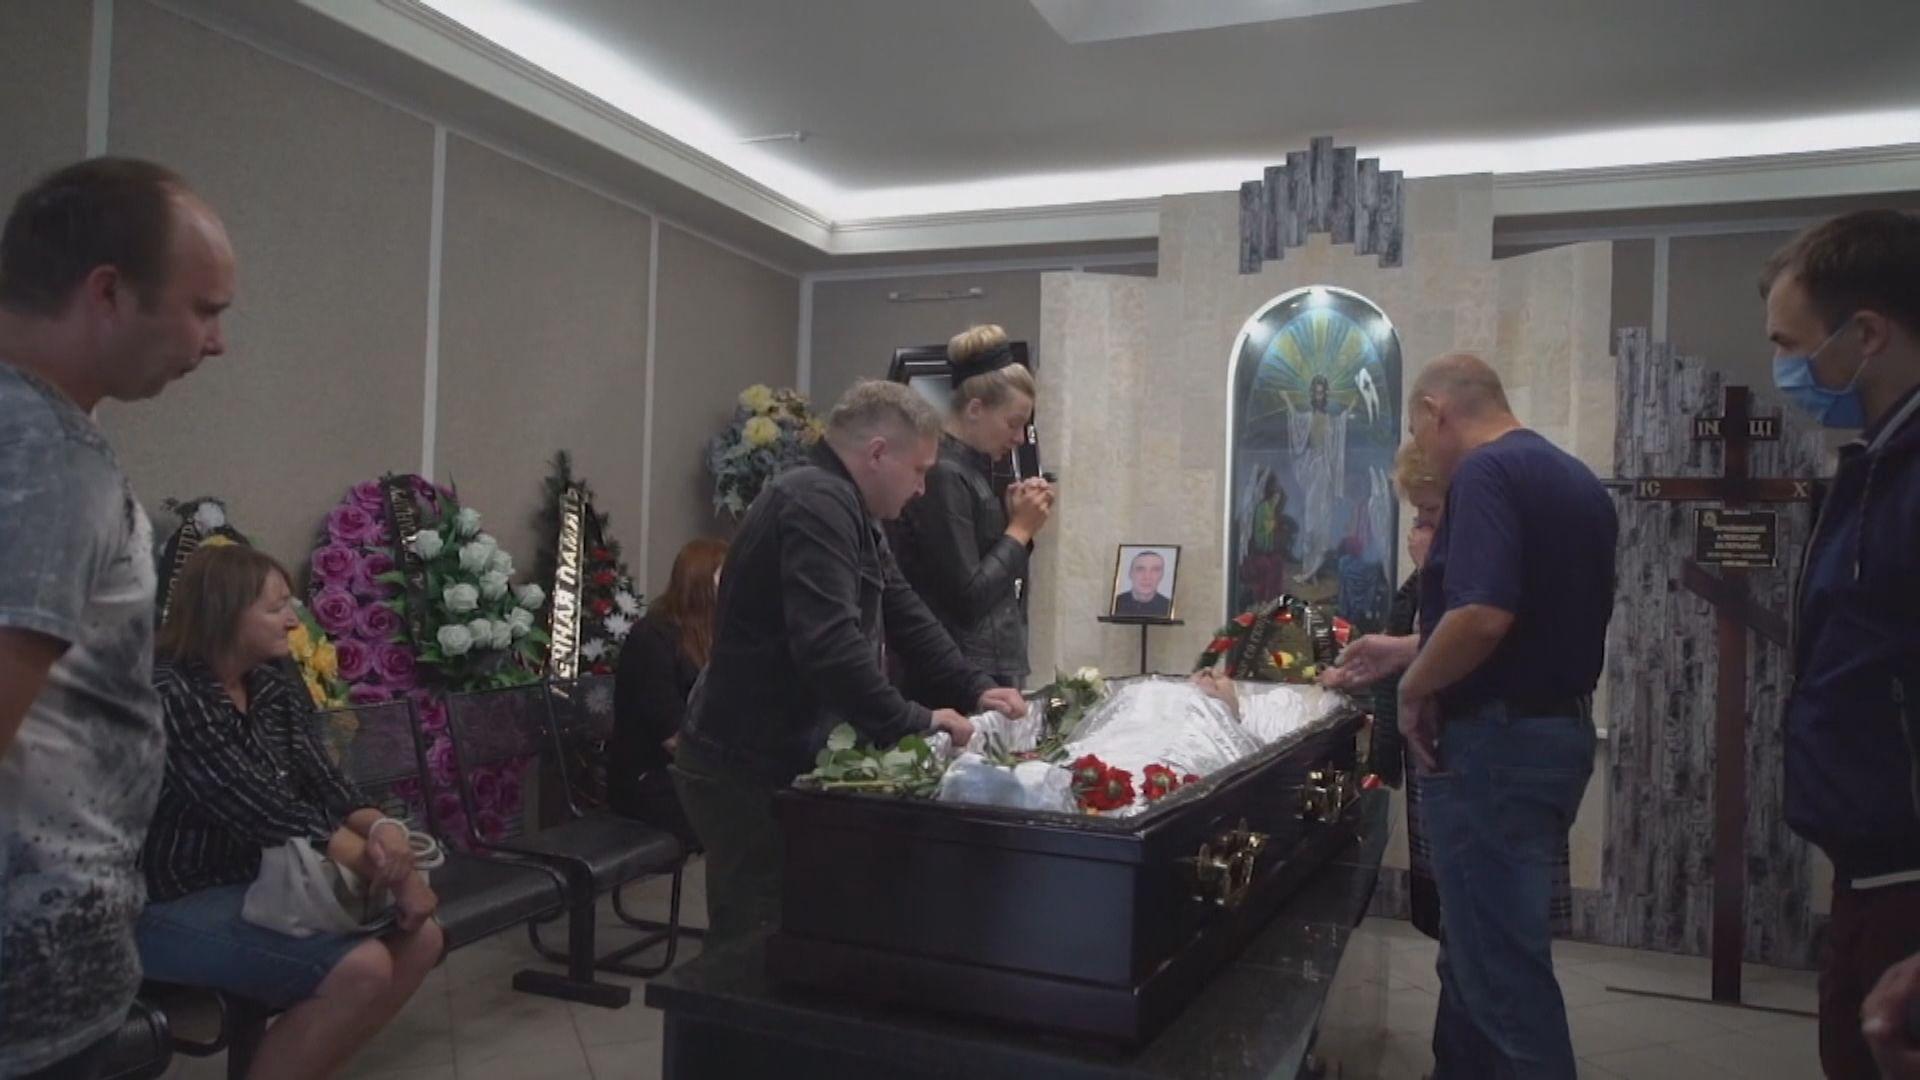 白俄羅斯民眾悼念喪生示威者 其家人指警方開槍